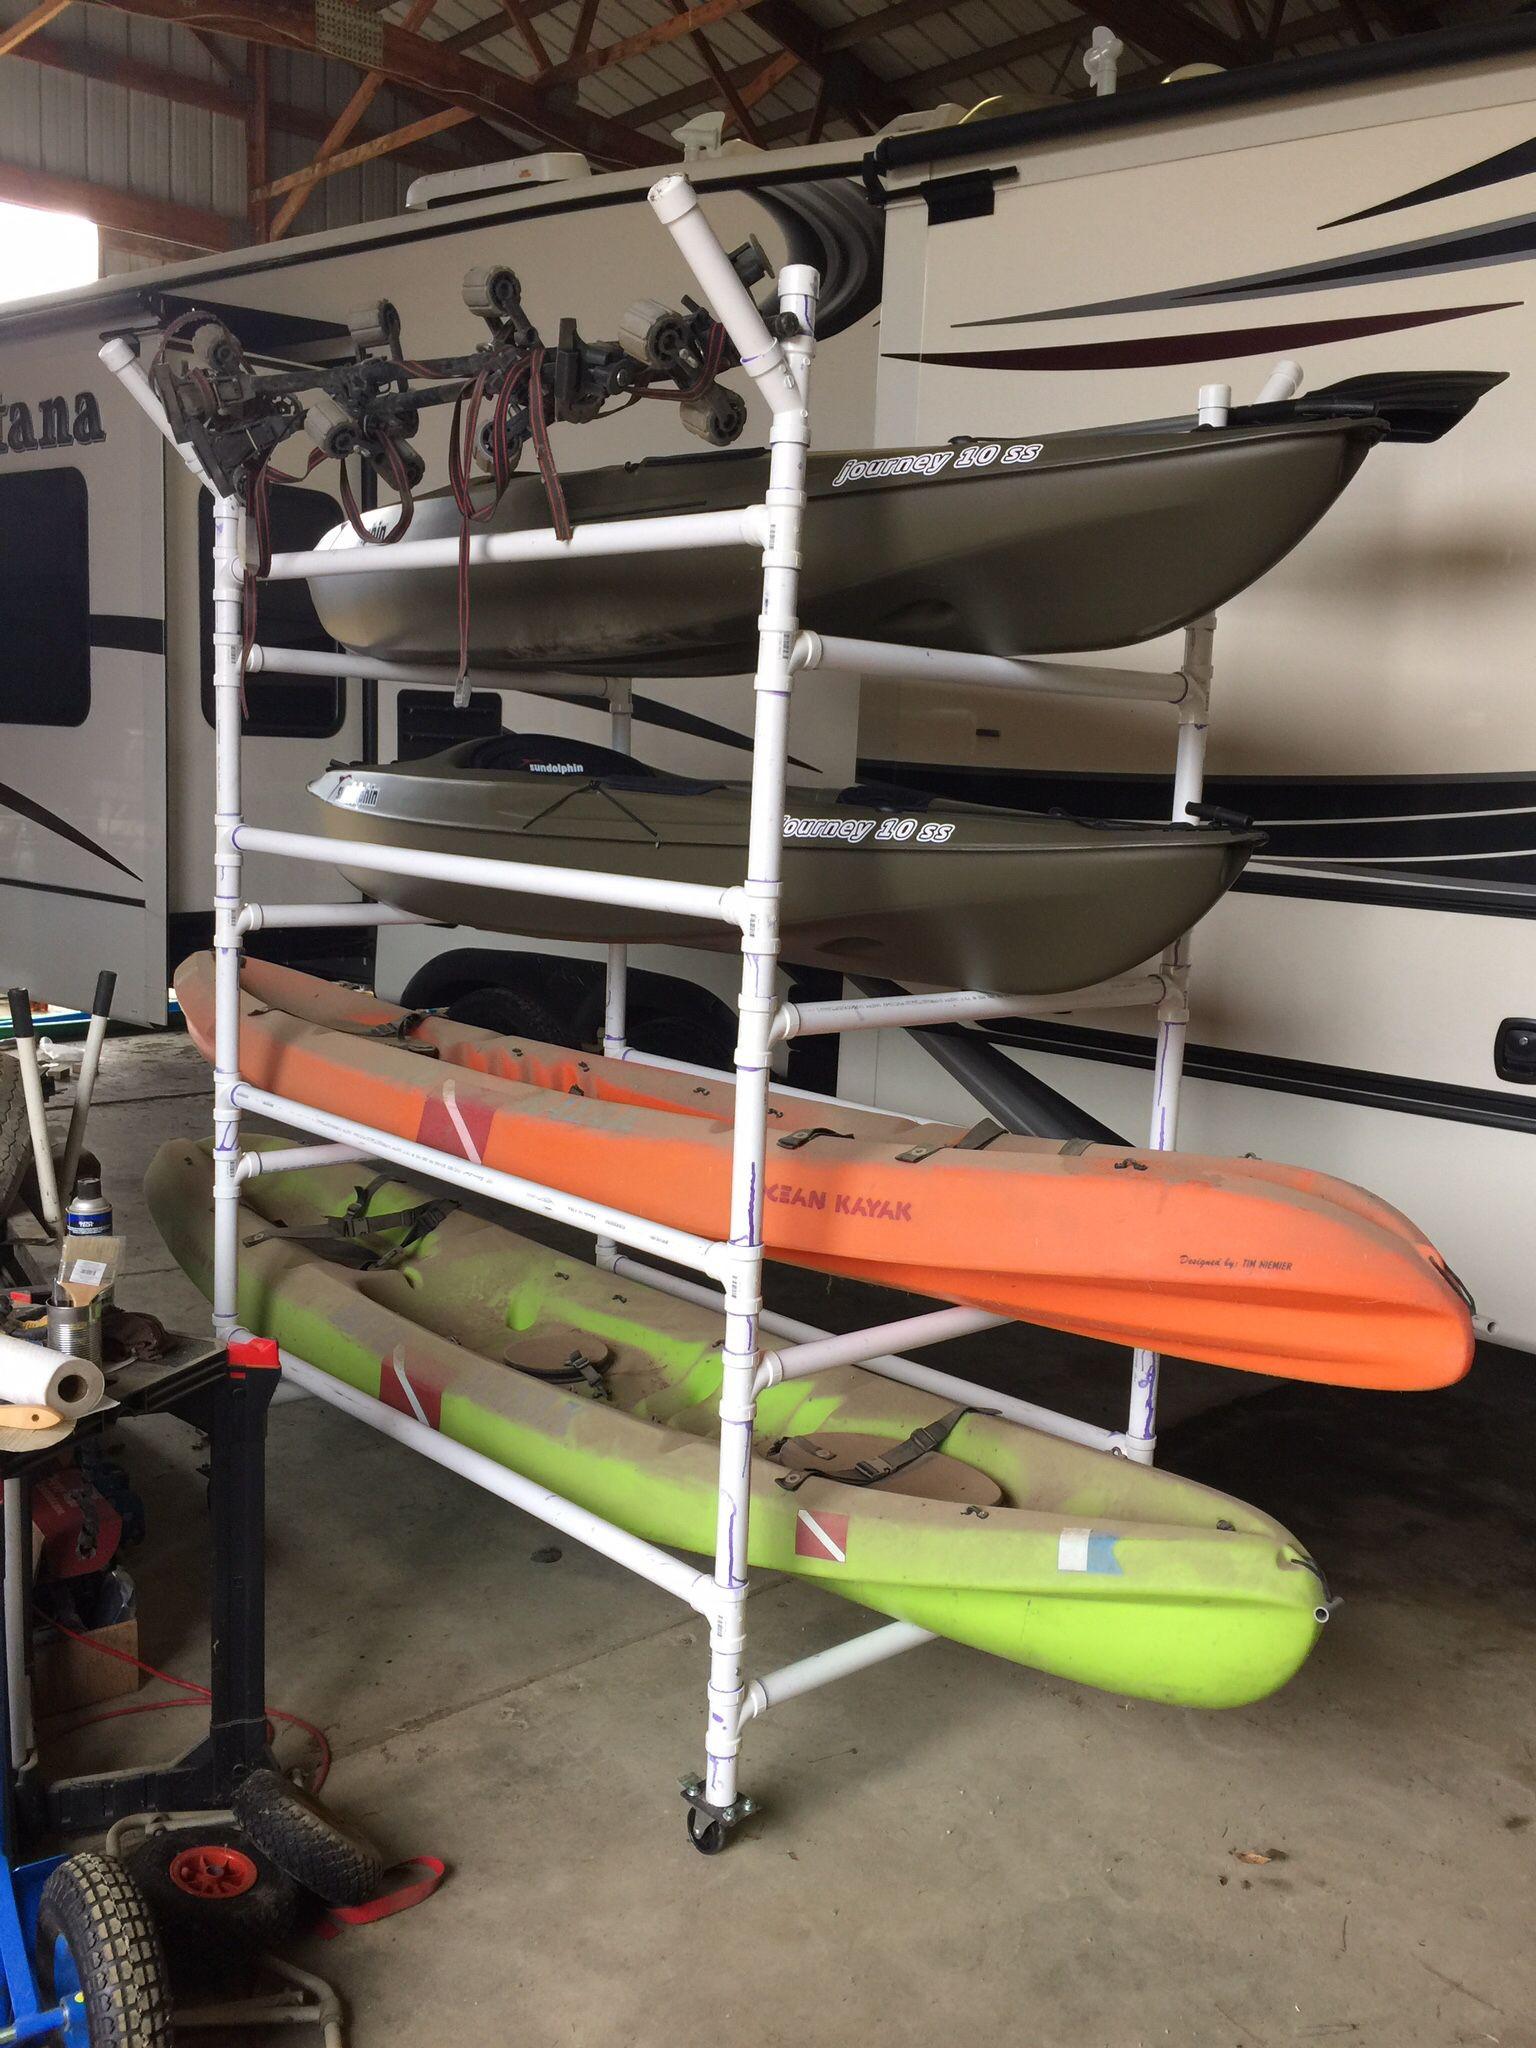 DIY Kayak Storage Rack  Homemade PVC kayak rack can store 4 kayaks paddles